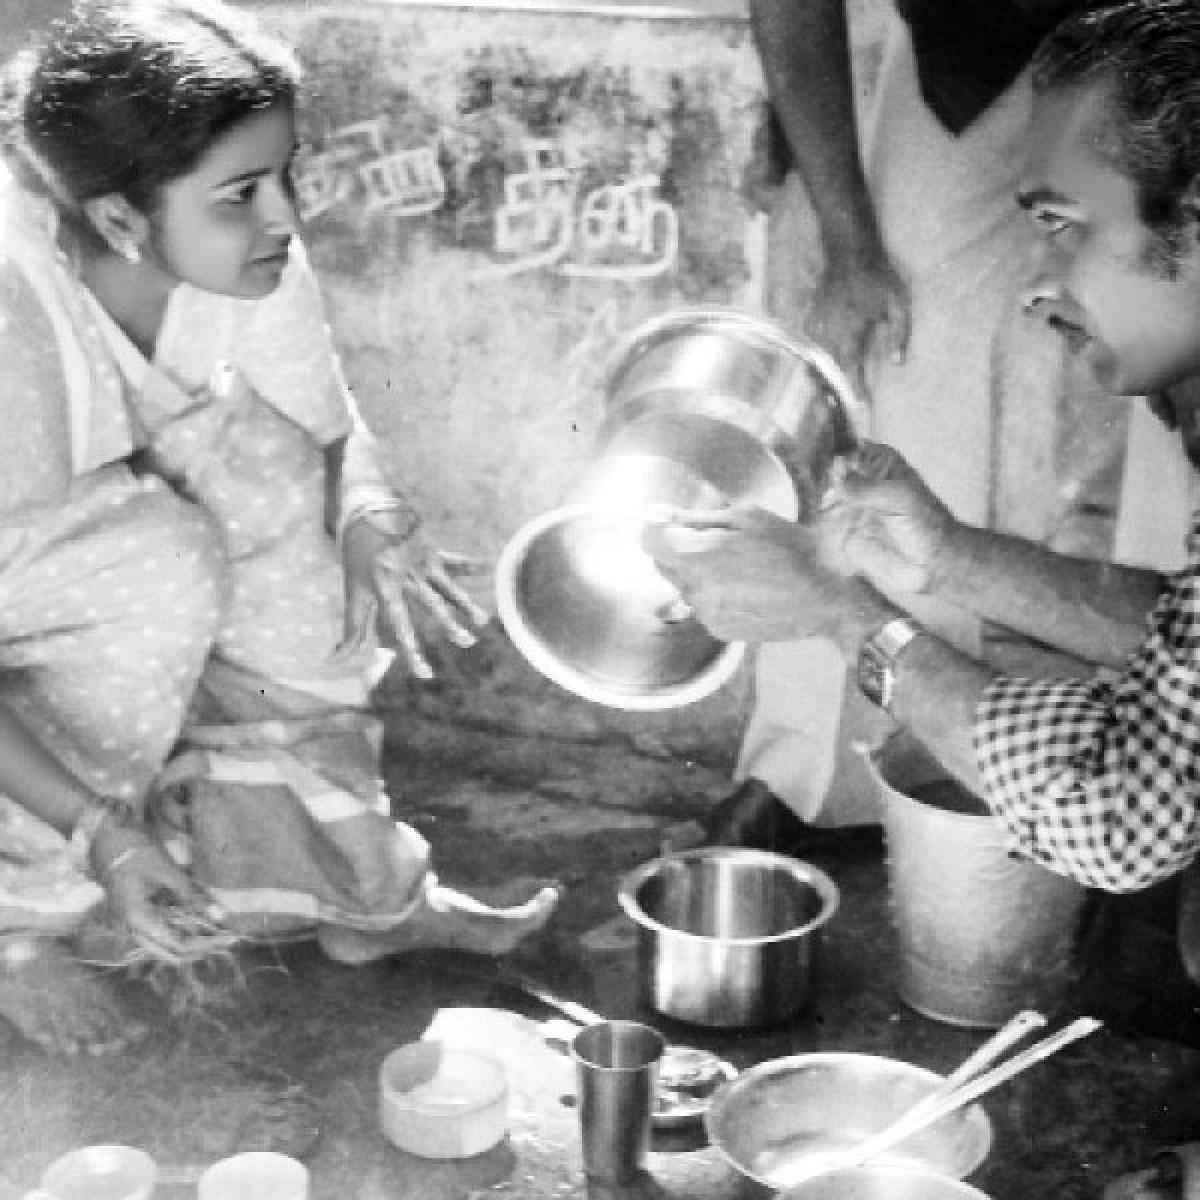 """""""குழந்தை மாதிரி நடிப்பு சொல்லிக்கொடுப்பார்! - ராதிகா"""